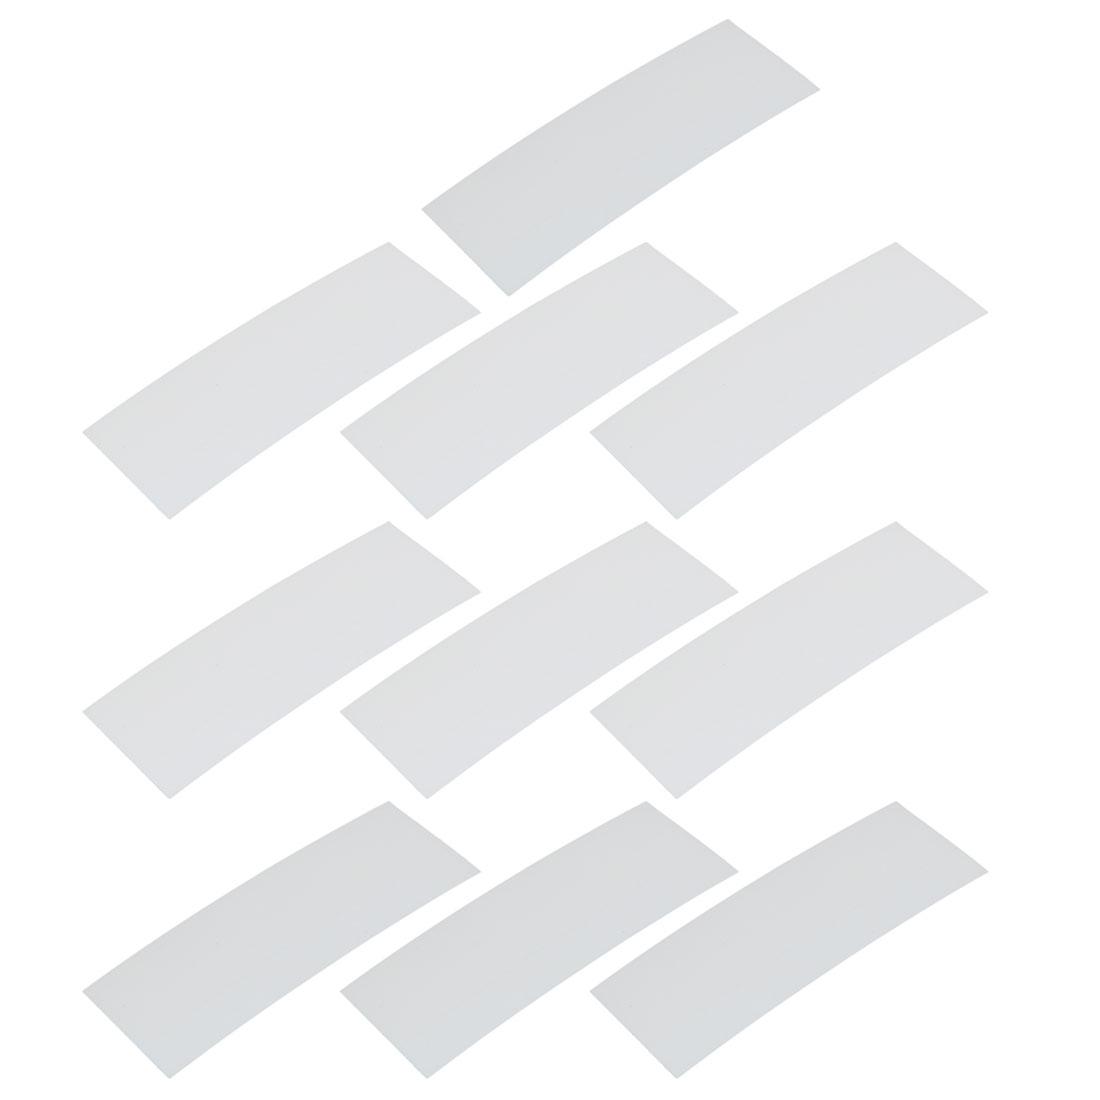 10pcs 17mm Flat Width 46mm Long PVC Heat Shrinkable Tube White for Battery Pack